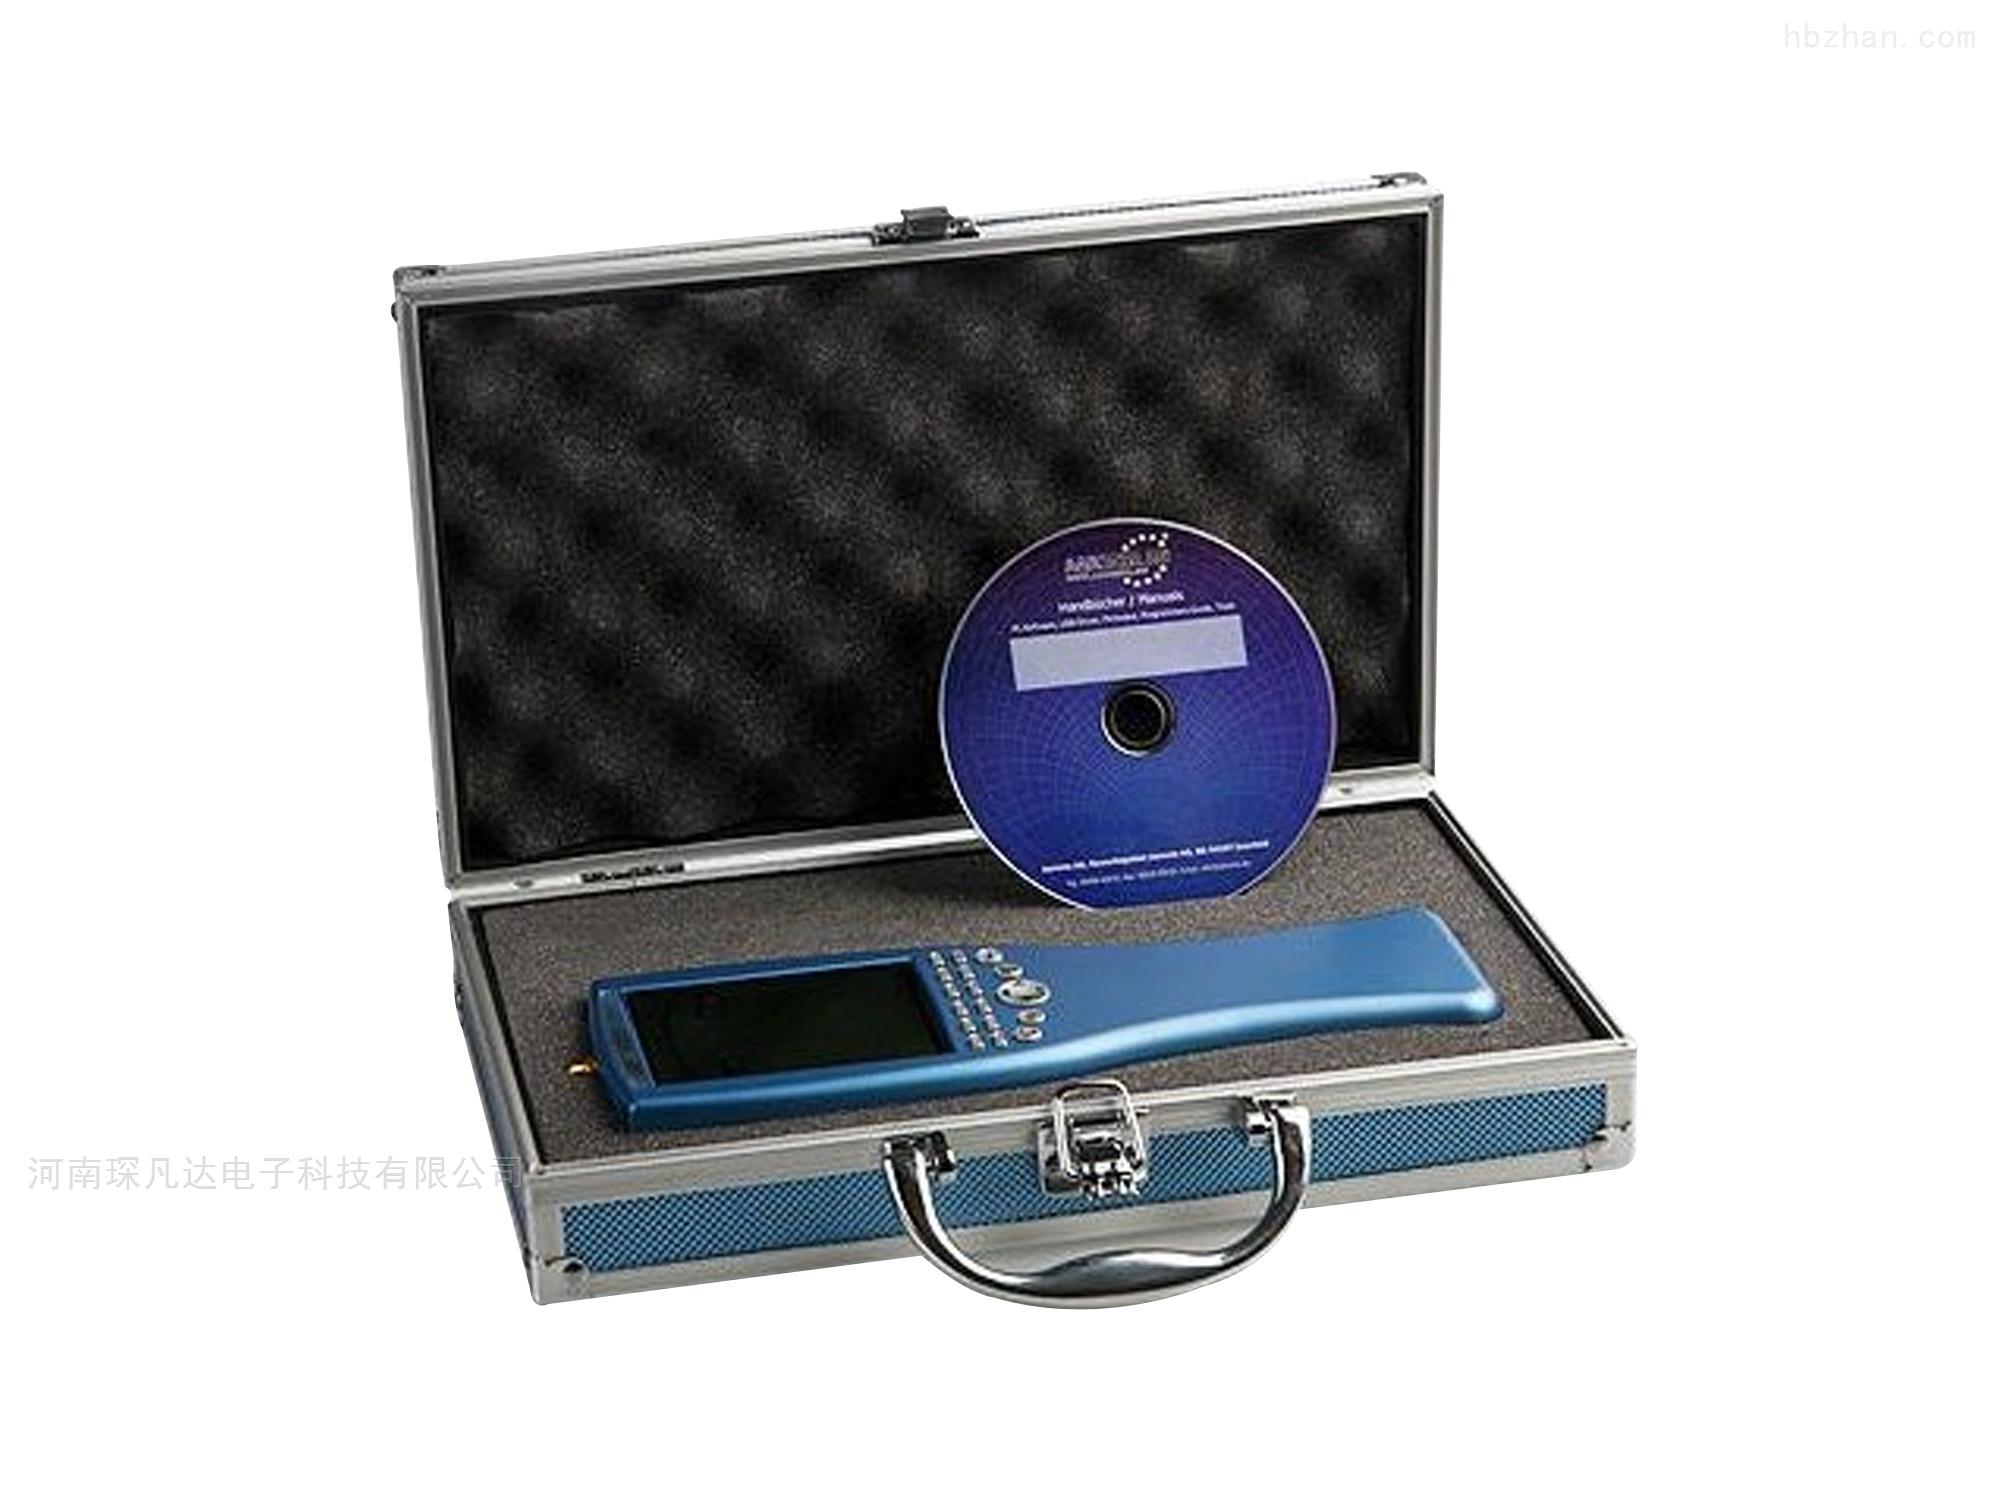 高精度数字式低频、高频电磁场强度分析仪